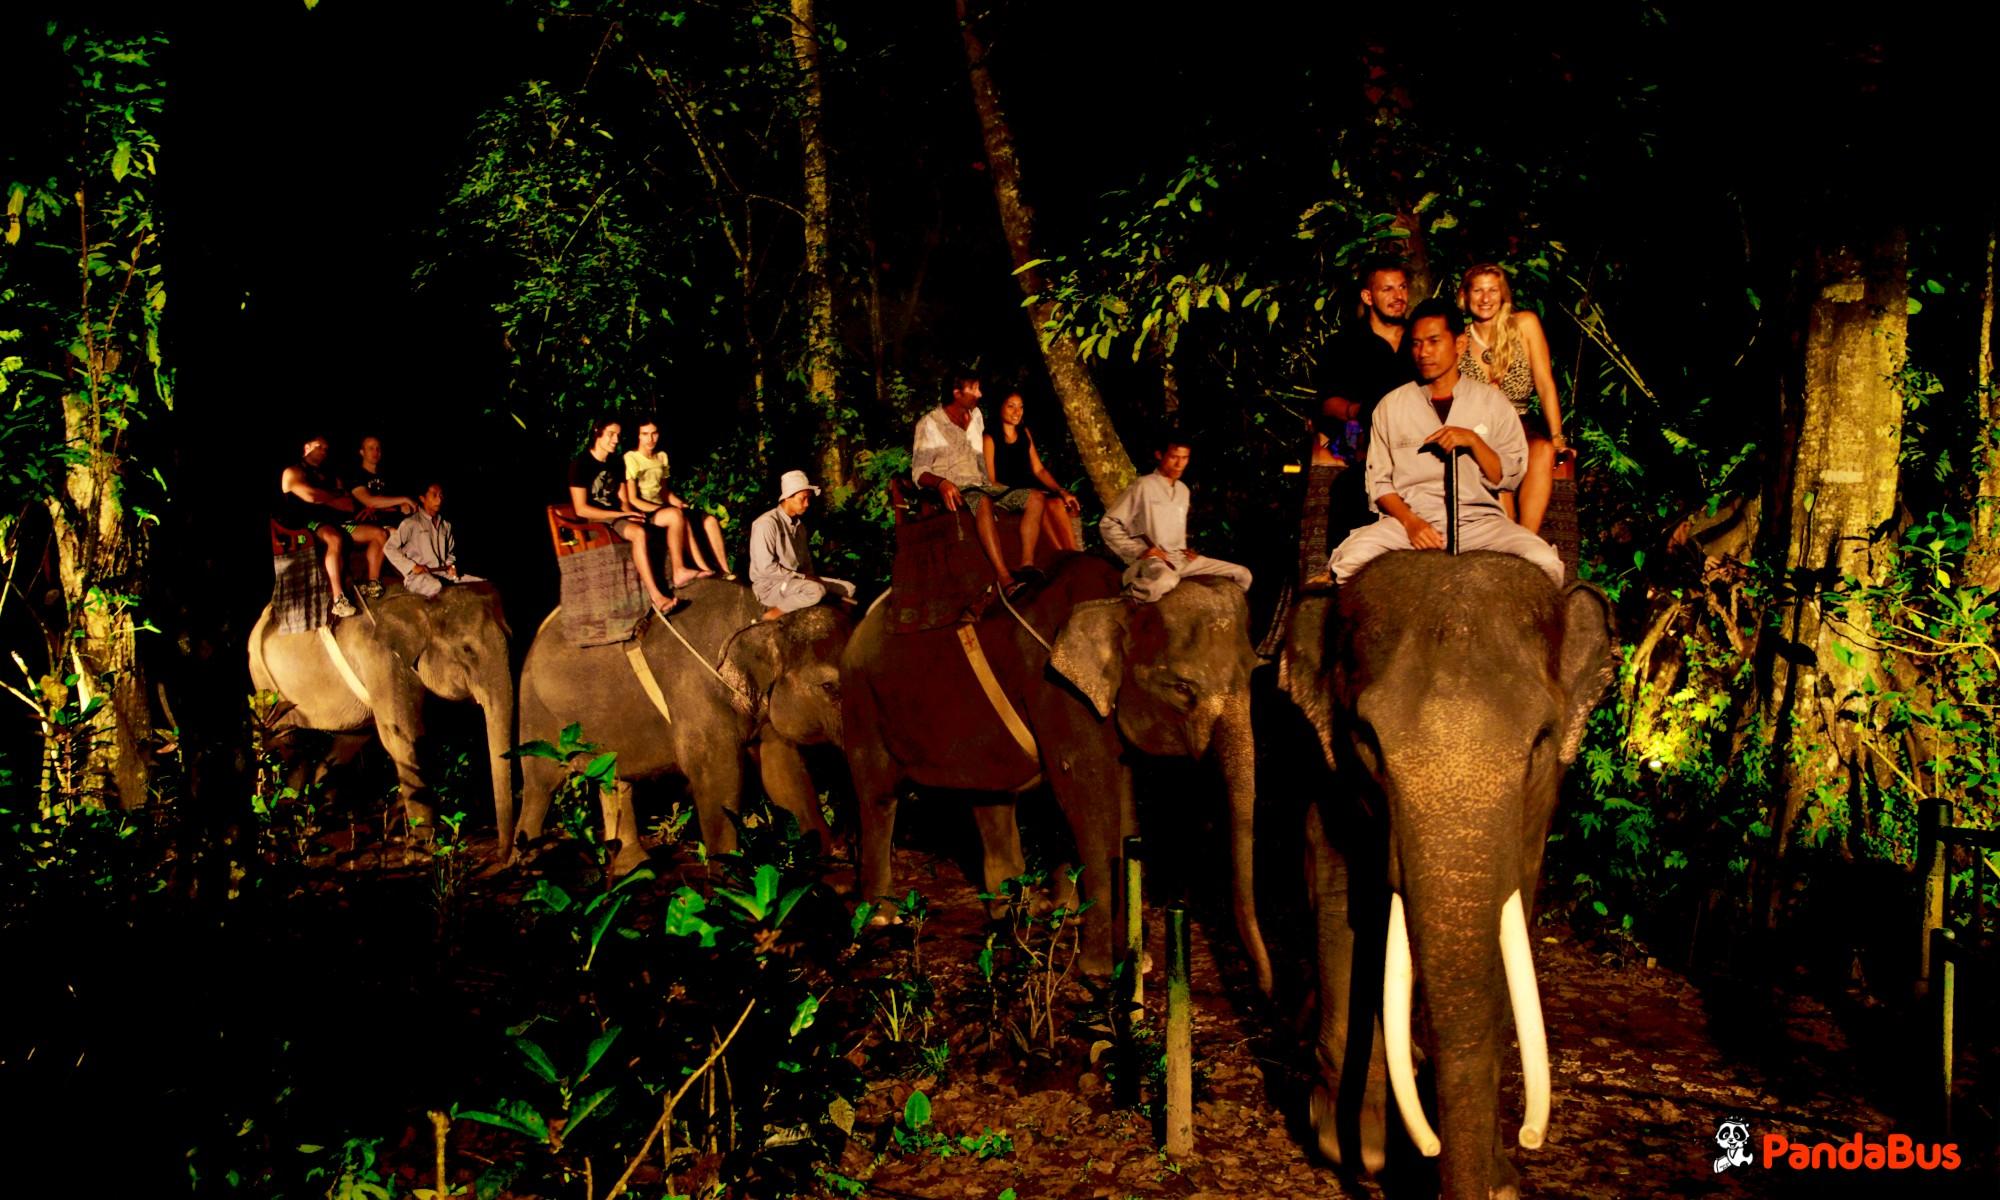 タロ村のエレファントサファリへ到着。 象に餌をあげたり、博物館を見学したりパーク内を散策します。